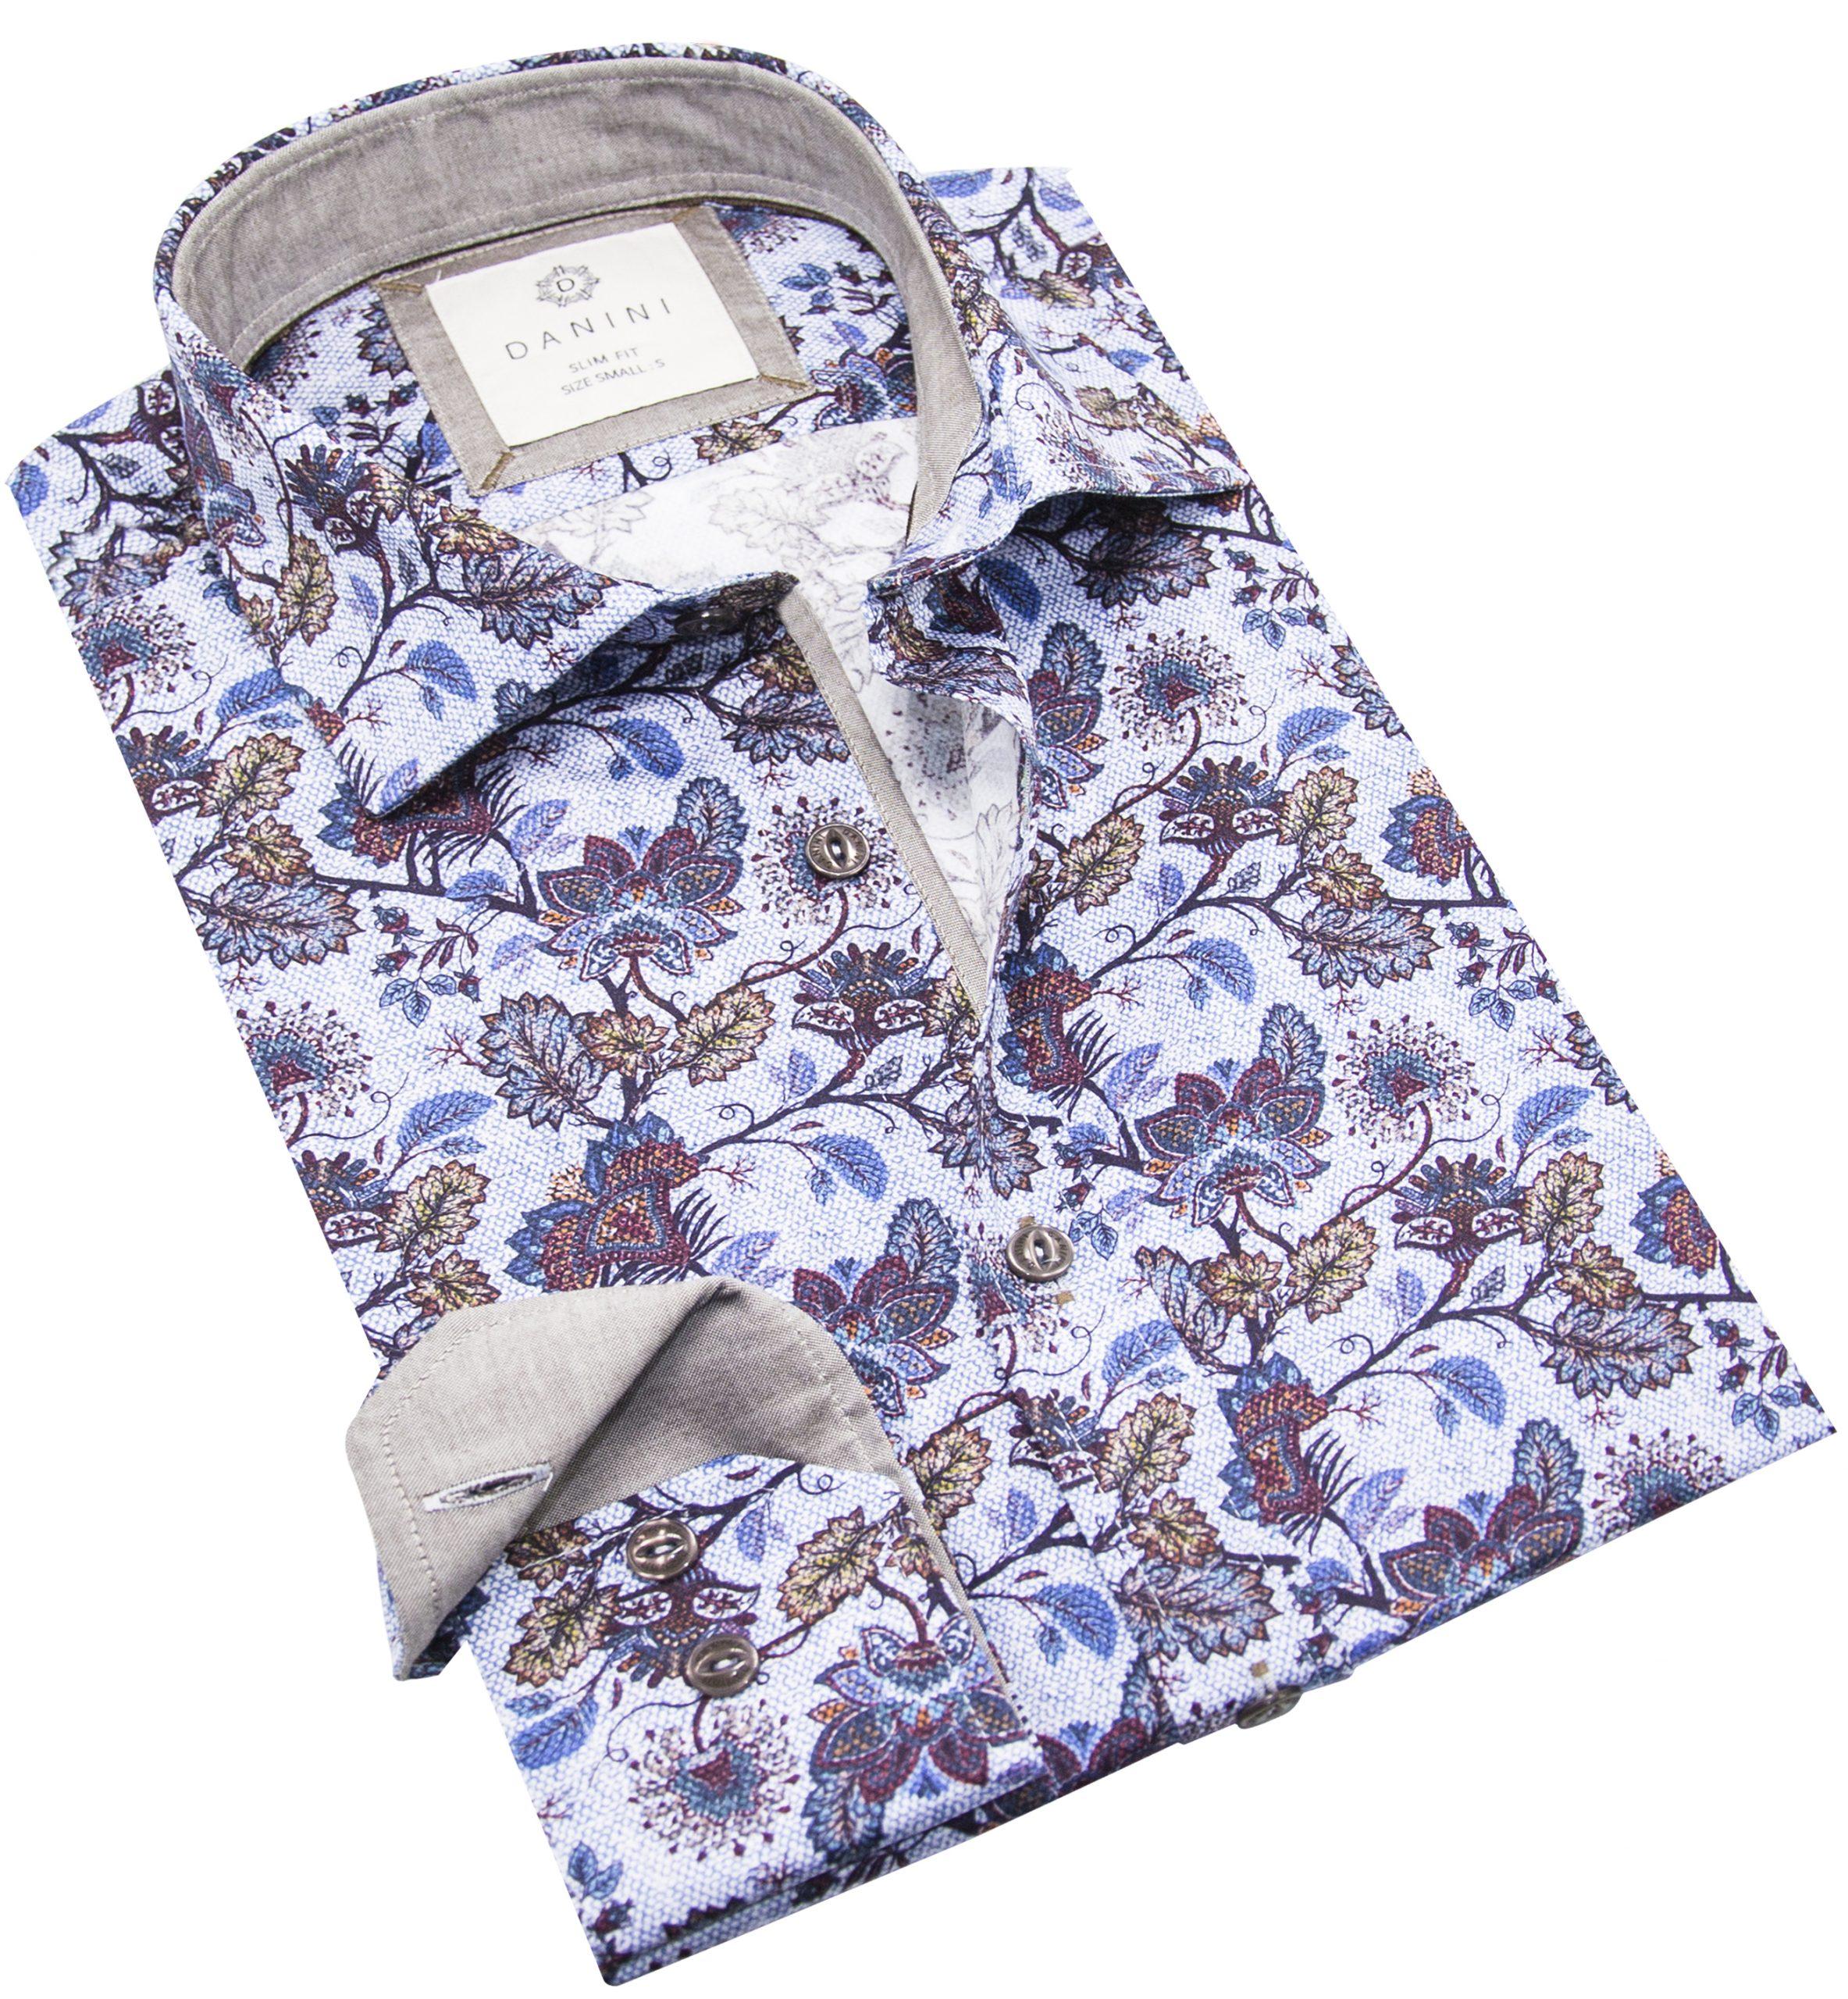 Men's Printed Shirt - Best Printed Shirts Canada - Danini